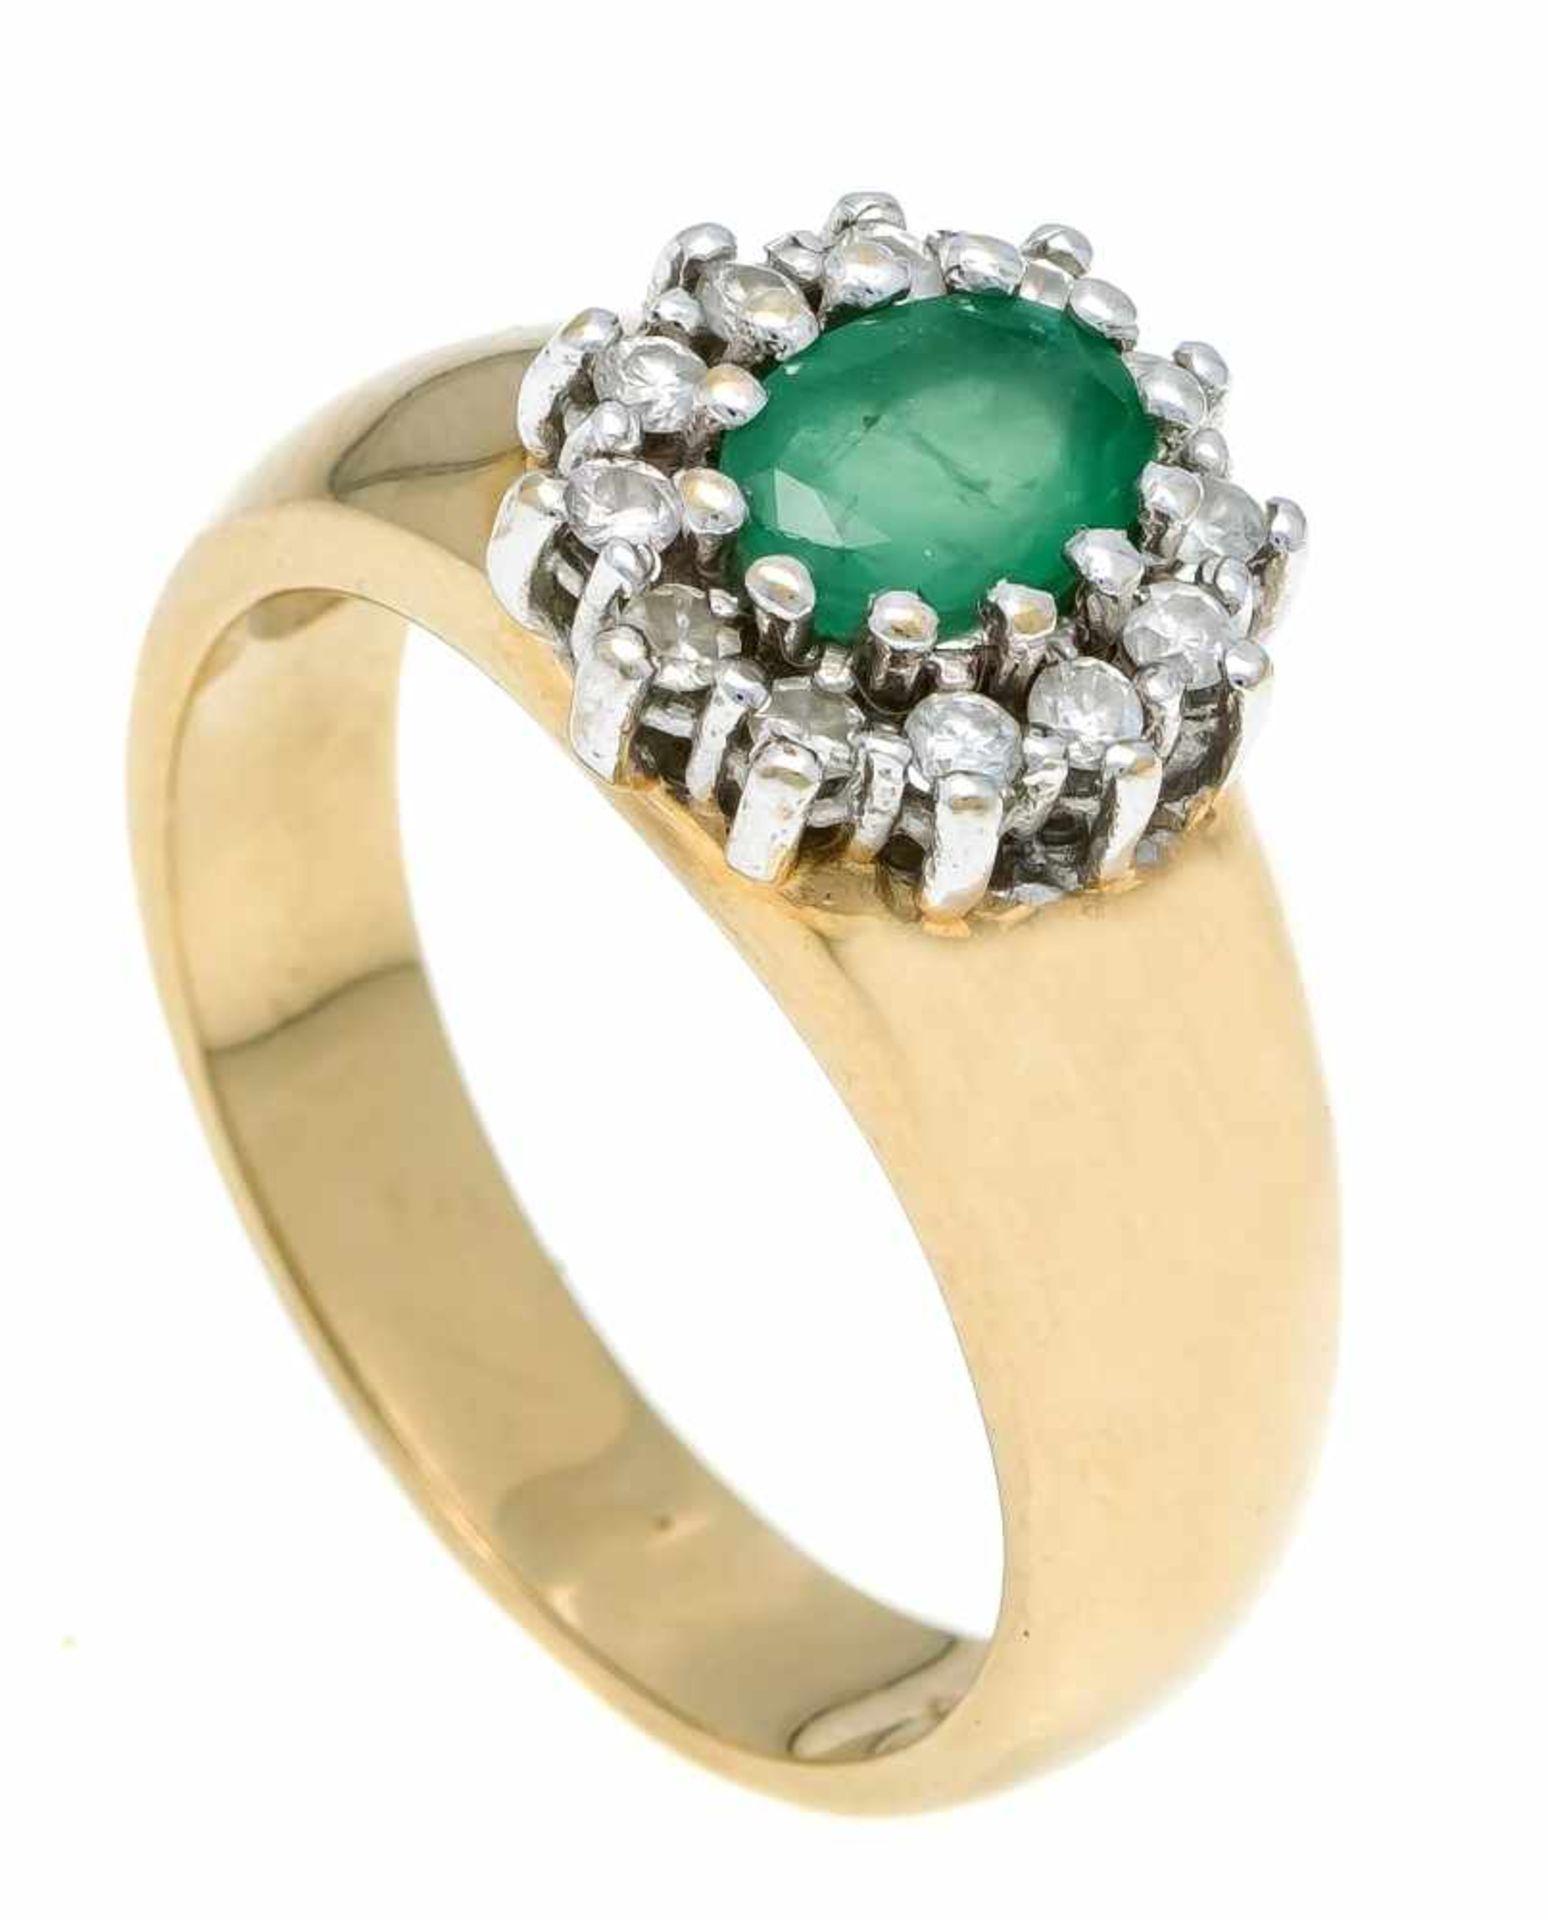 Smaragd-Brillant-Ring GG/WG 585/000 mit einem oval fac. Smaragd 7 x 5 mm und 12 Brillanten, zus. 0,